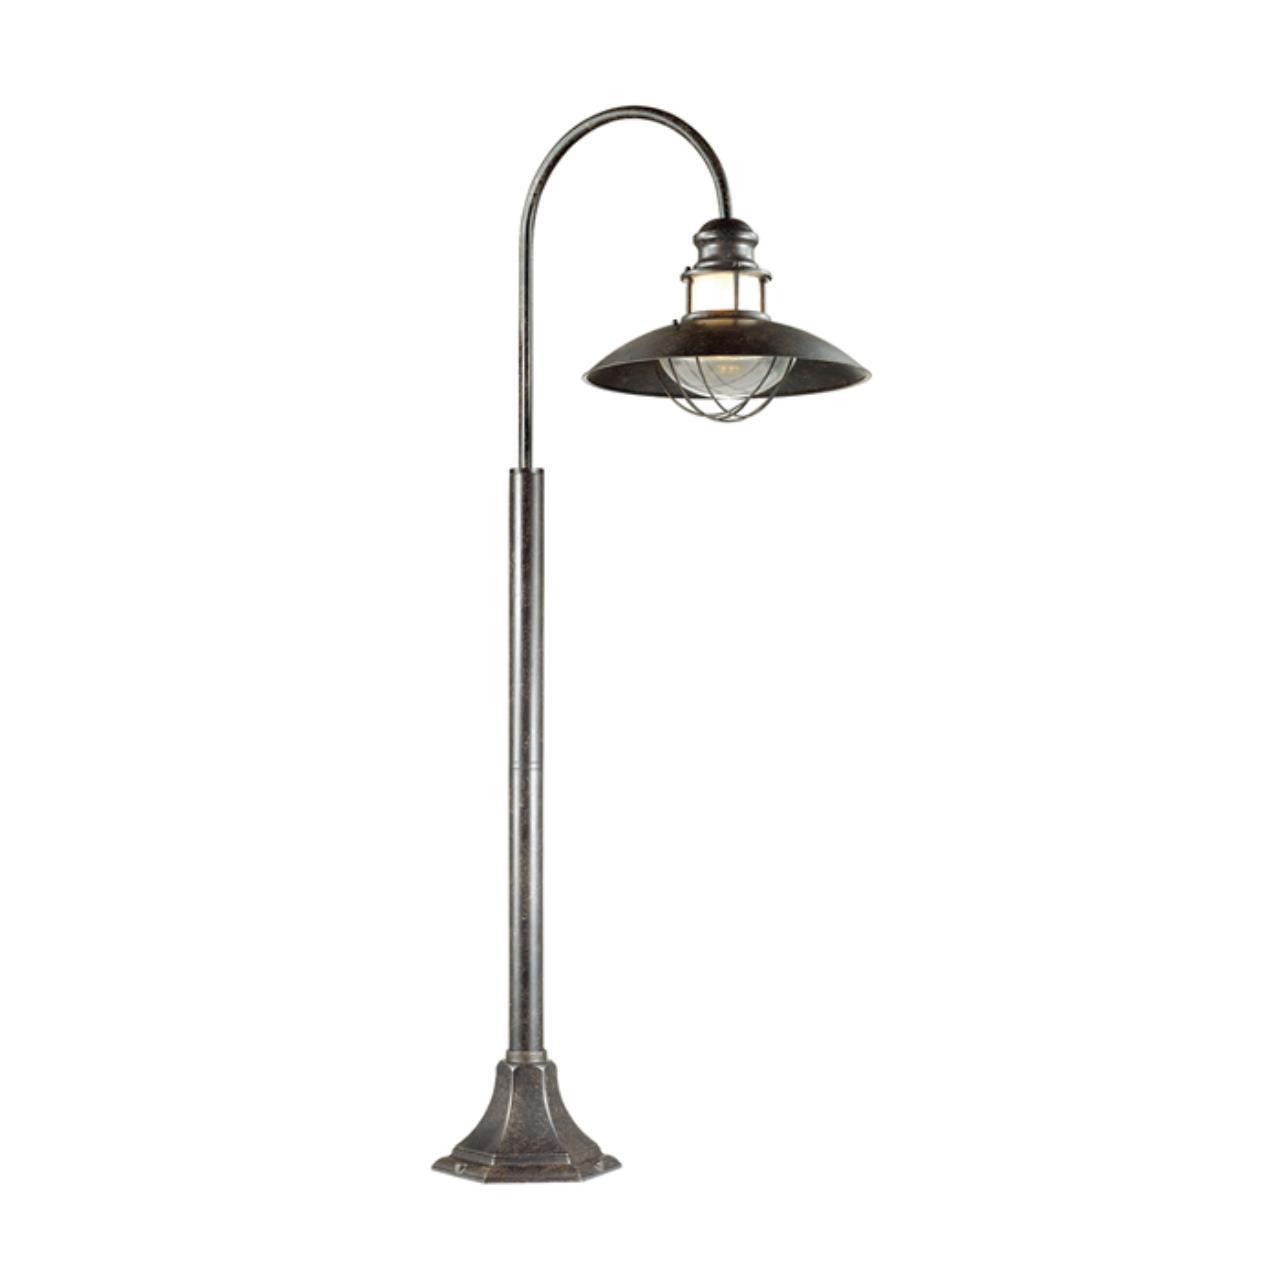 4164/1F NATURE ODL19 695 коричневый/прозрачный Уличный светильник 120см IP44 E27 1*60W DANTE